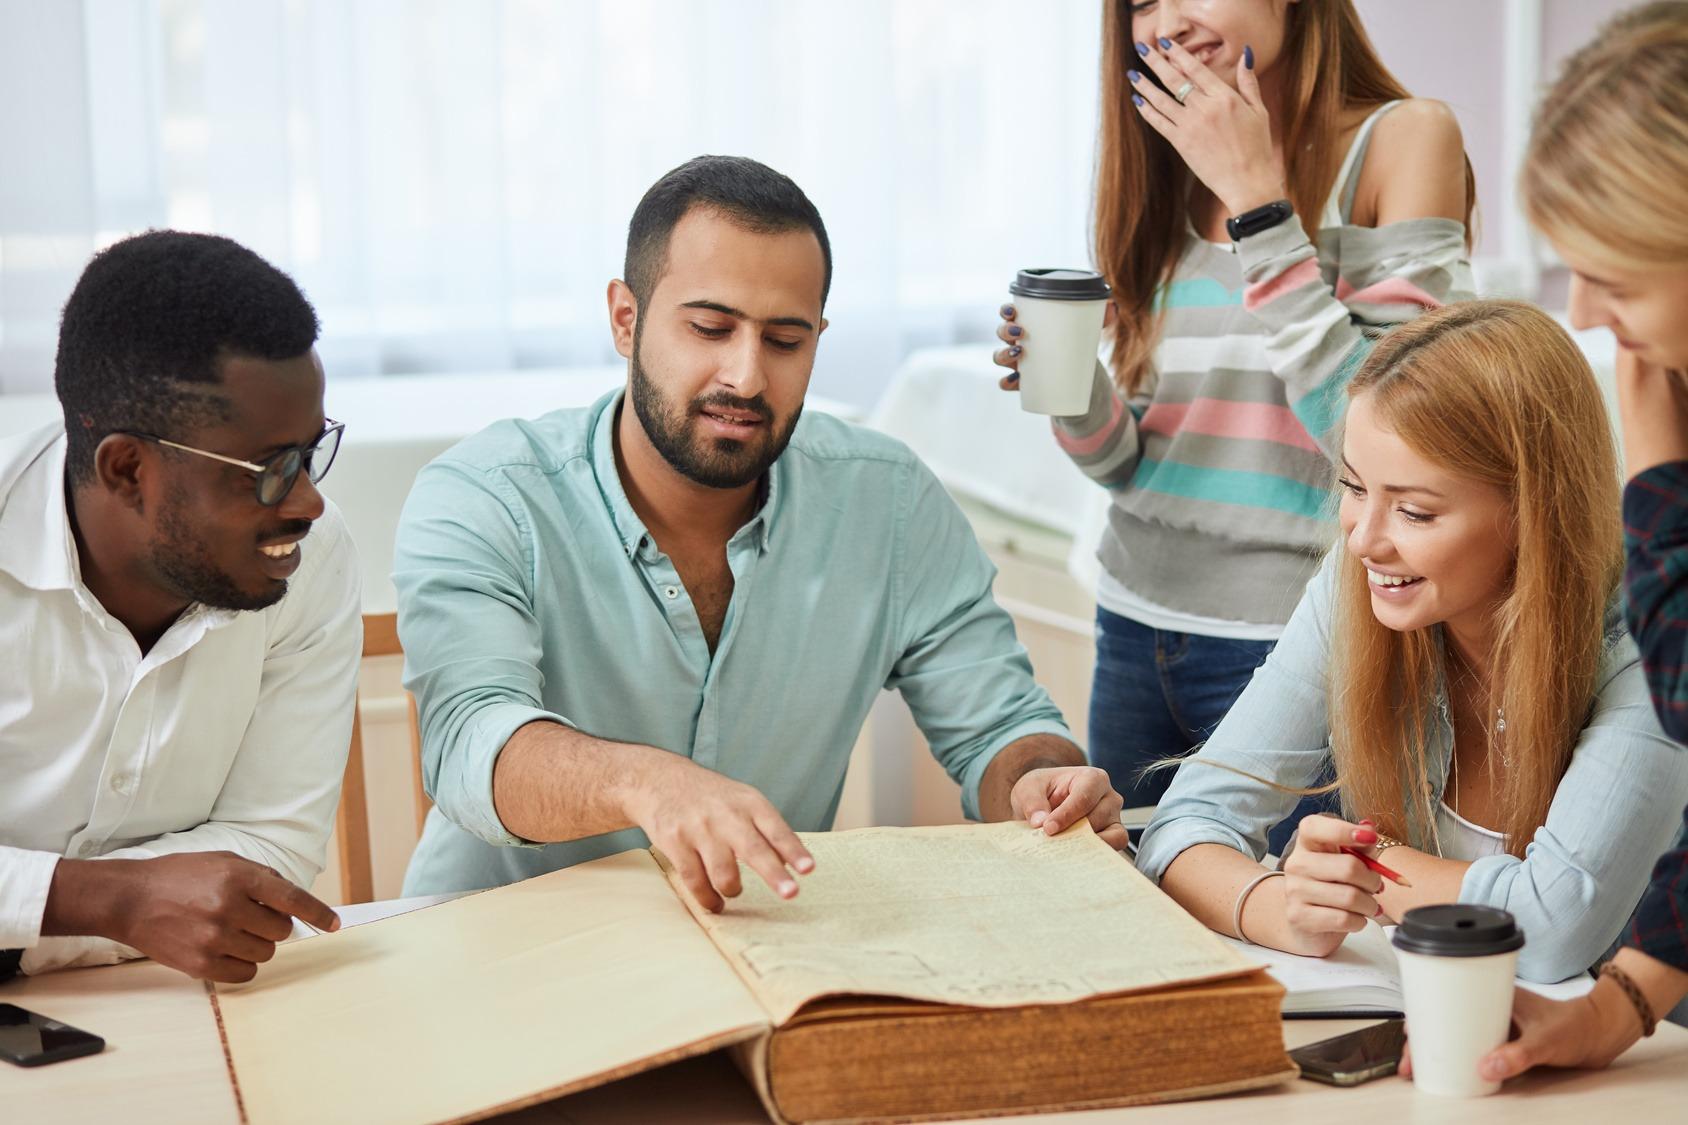 Eine Fünfergruppe Studenten bei der Gruppenarbeit in einer Bibliothek. Vor ihnen auf dem Tisch liegt ein altes Buch.